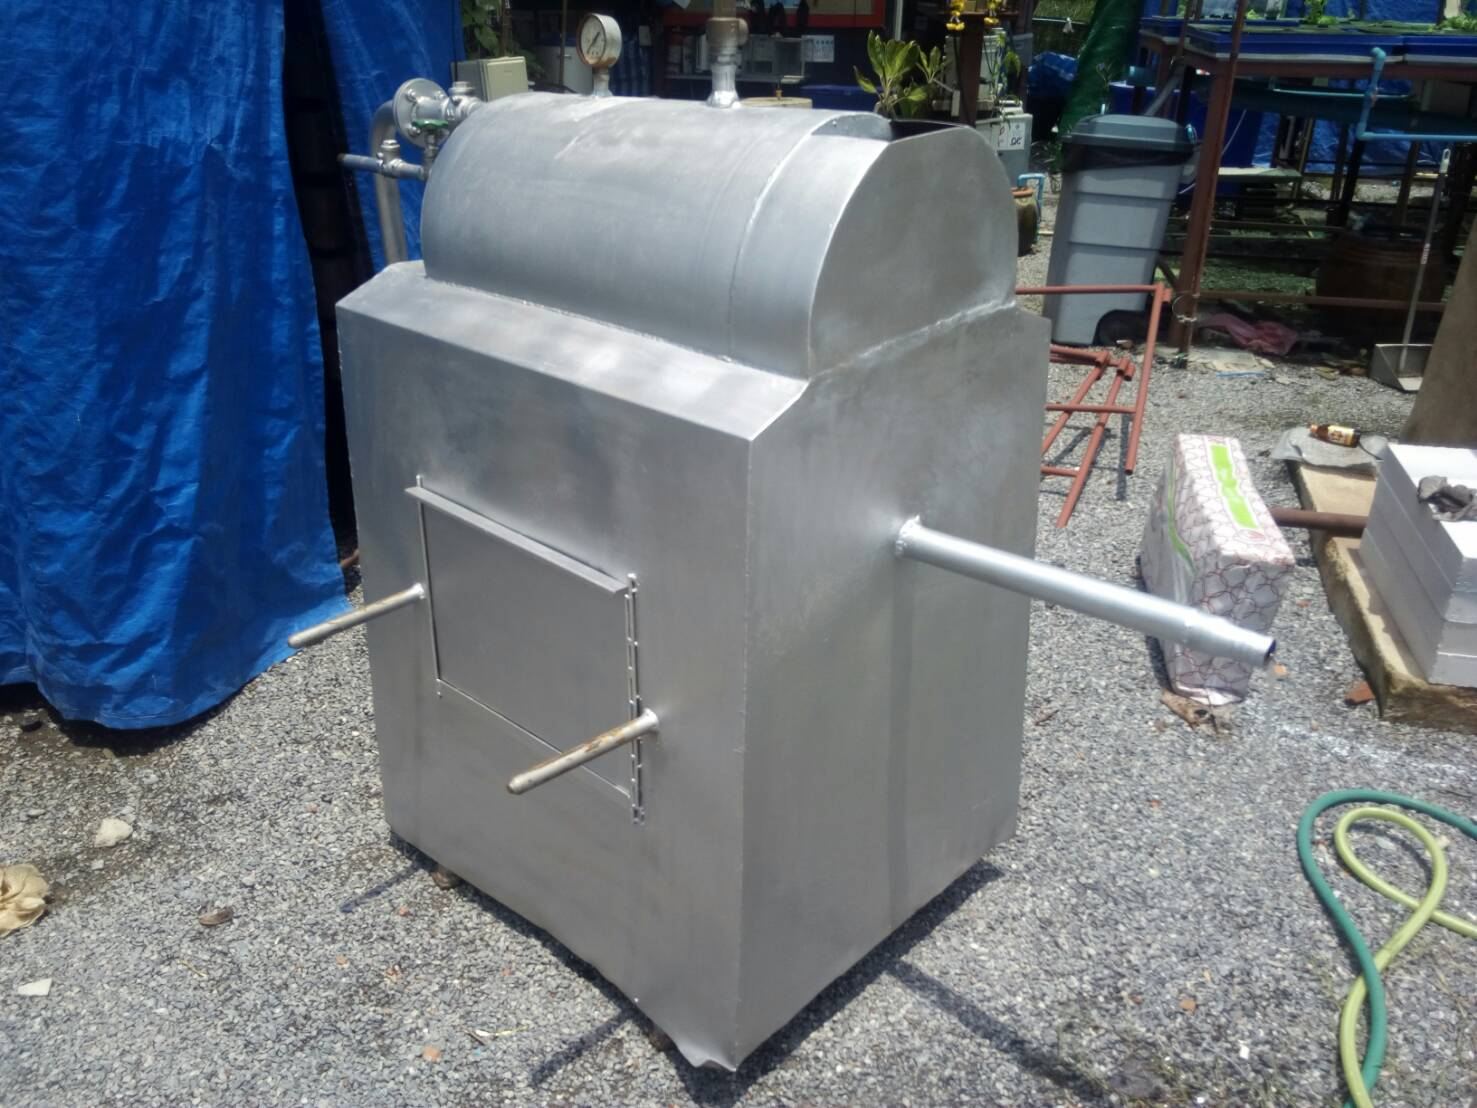 หม้อนึ่งโคตรร้อน รุ่นซุปเปอร์ฮีท(Super Heat Boiler)